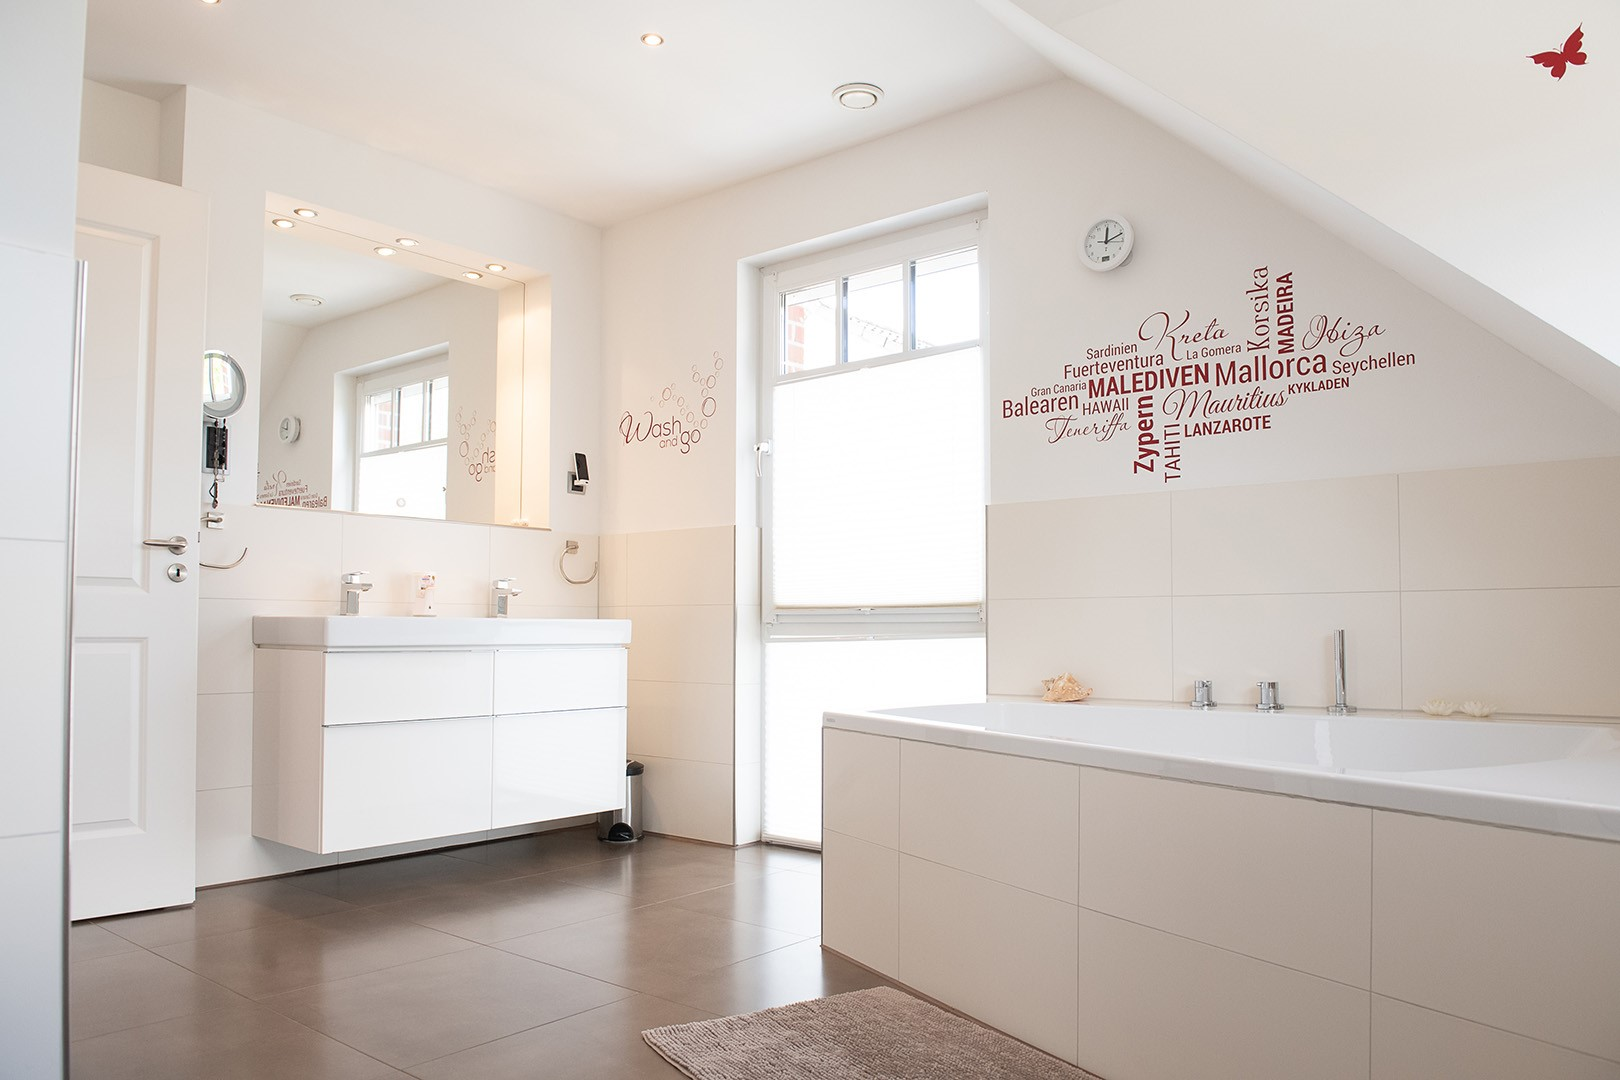 Immobilie Nr.312 - Einfamilienhaus mit Garten & Terrasse & Garage & Carport - Bild 15.jpg